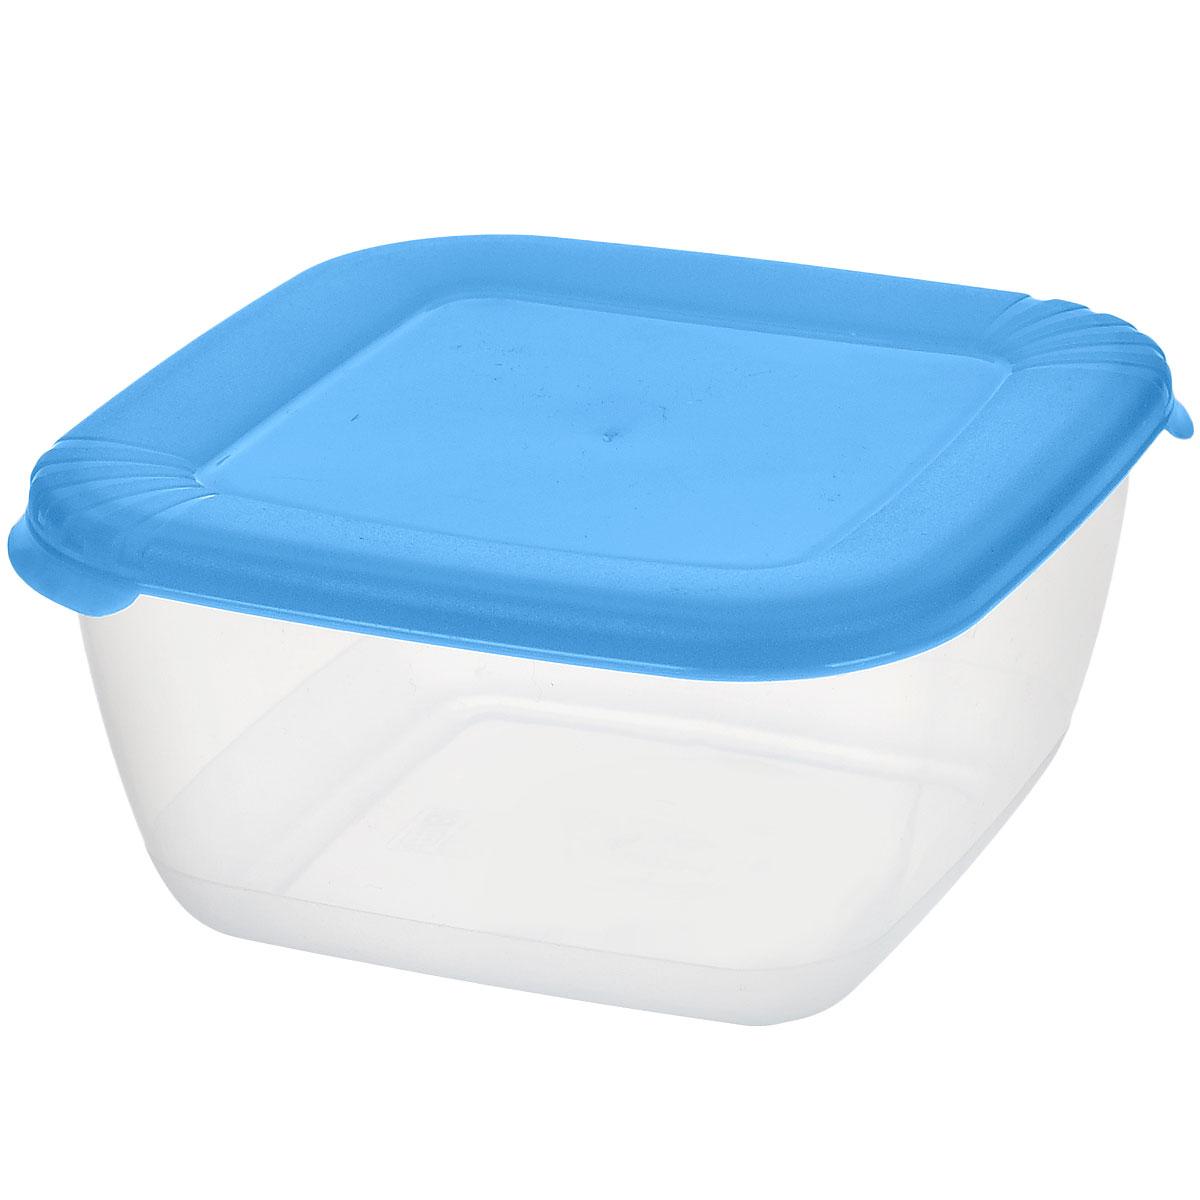 Контейнер для СВЧ Полимербыт Лайт, цвет: прозрачный, голубой, 0,46 лС542_голубойКвадратный контейнер для СВЧ Полимербыт Лайт изготовлен из высококачественного прочного пластика, устойчивого к высоким температурам до +120°С. Яркая цветная крышка плотно закрывается, дольше сохраняя продукты свежими и вкусными. Контейнер идеально подходит для хранения пищи, его удобно брать с собой на работу, учебу, пикник или просто использовать для хранения пищи в холодильнике.Можно использовать в микроволновой печи и для заморозки в морозильной камере при минимальной температуре -40°С. Можно мыть в посудомоечной машине.